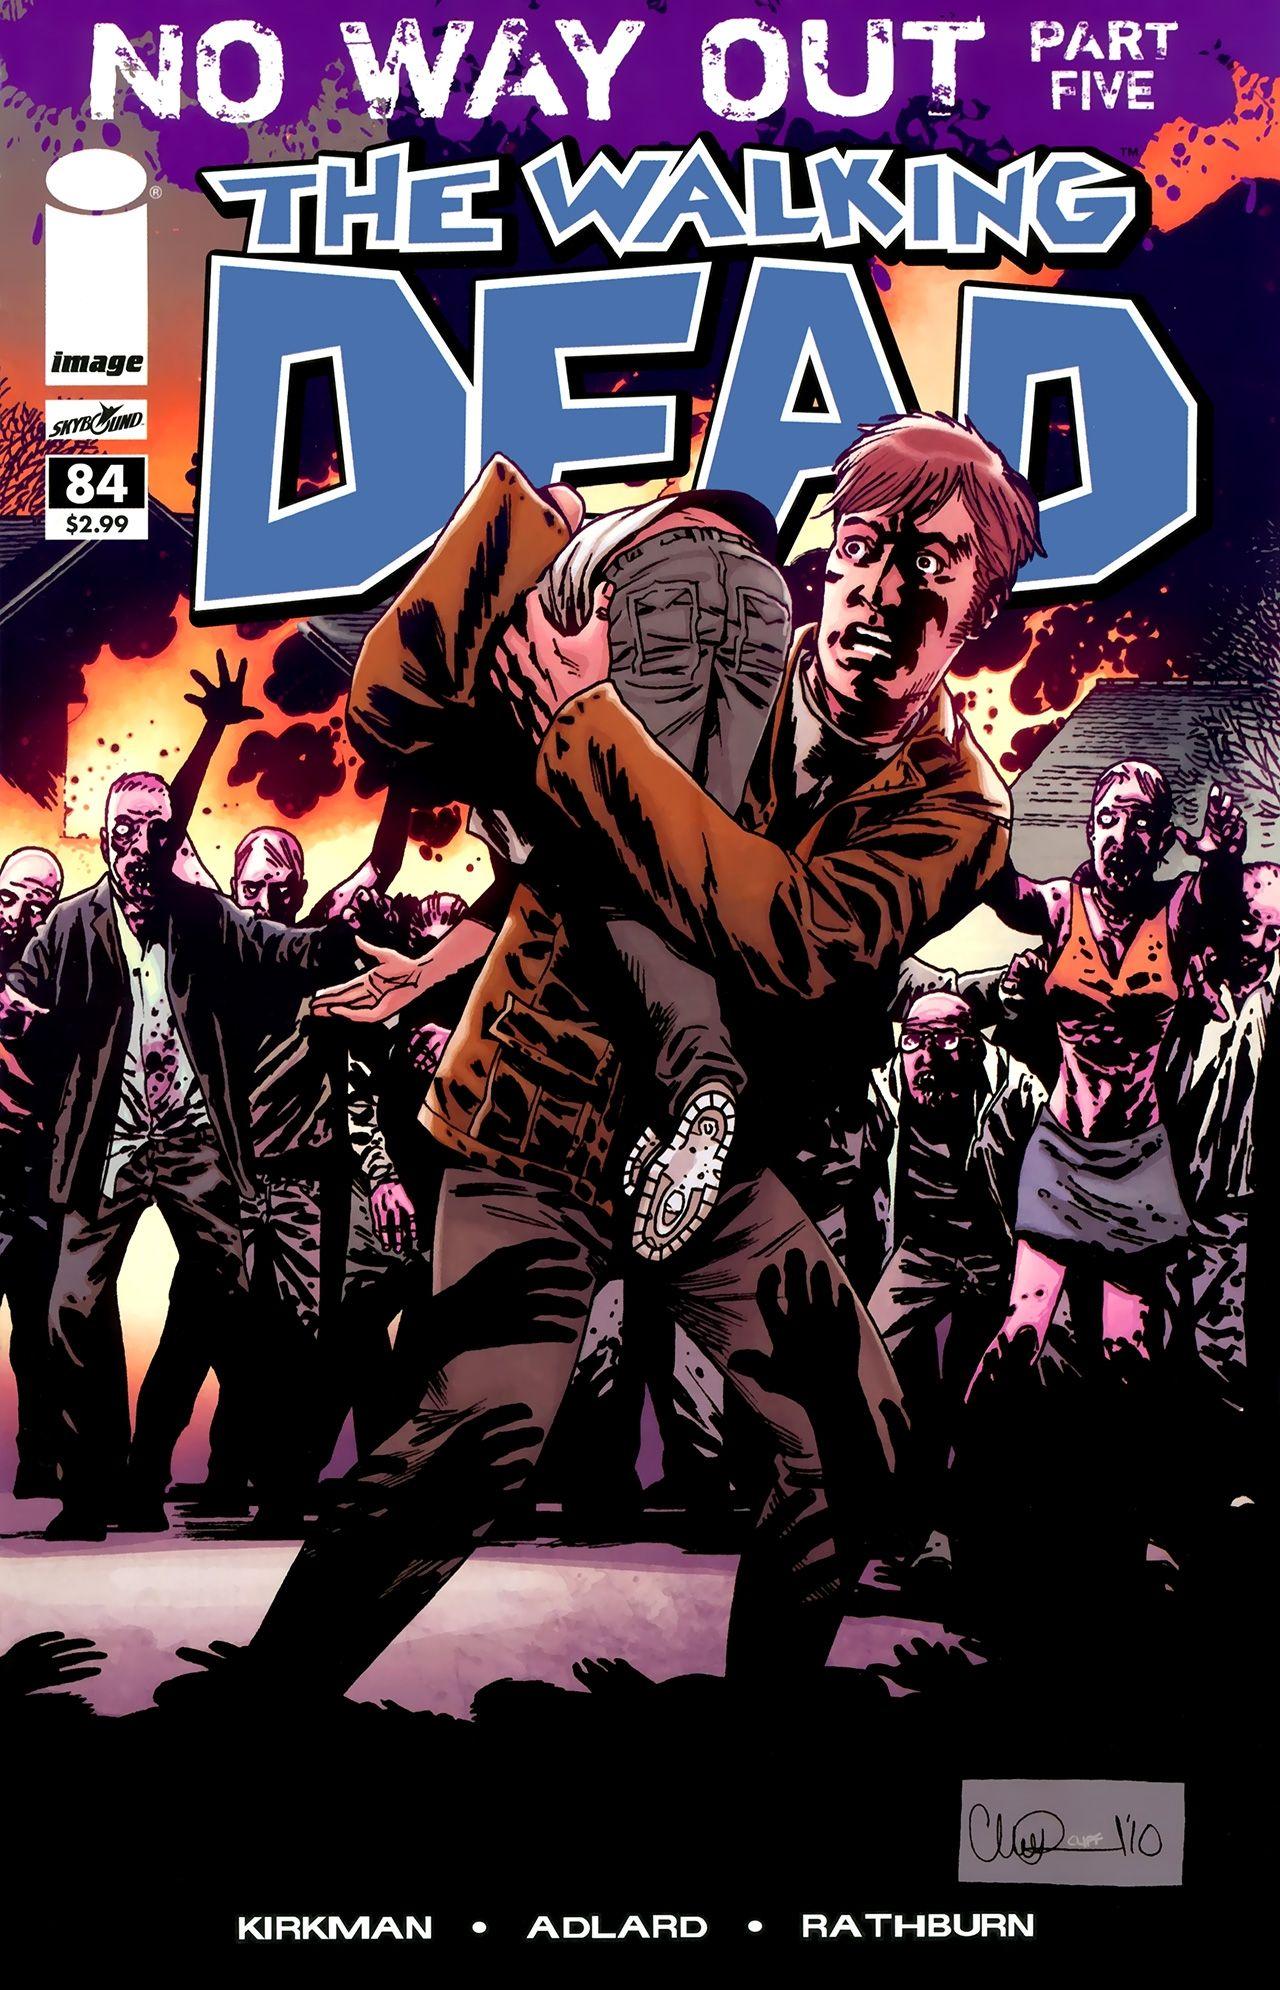 The Walking Dead Comic 84 Walking Dead Comics Walking Dead Comic Book Image Comics